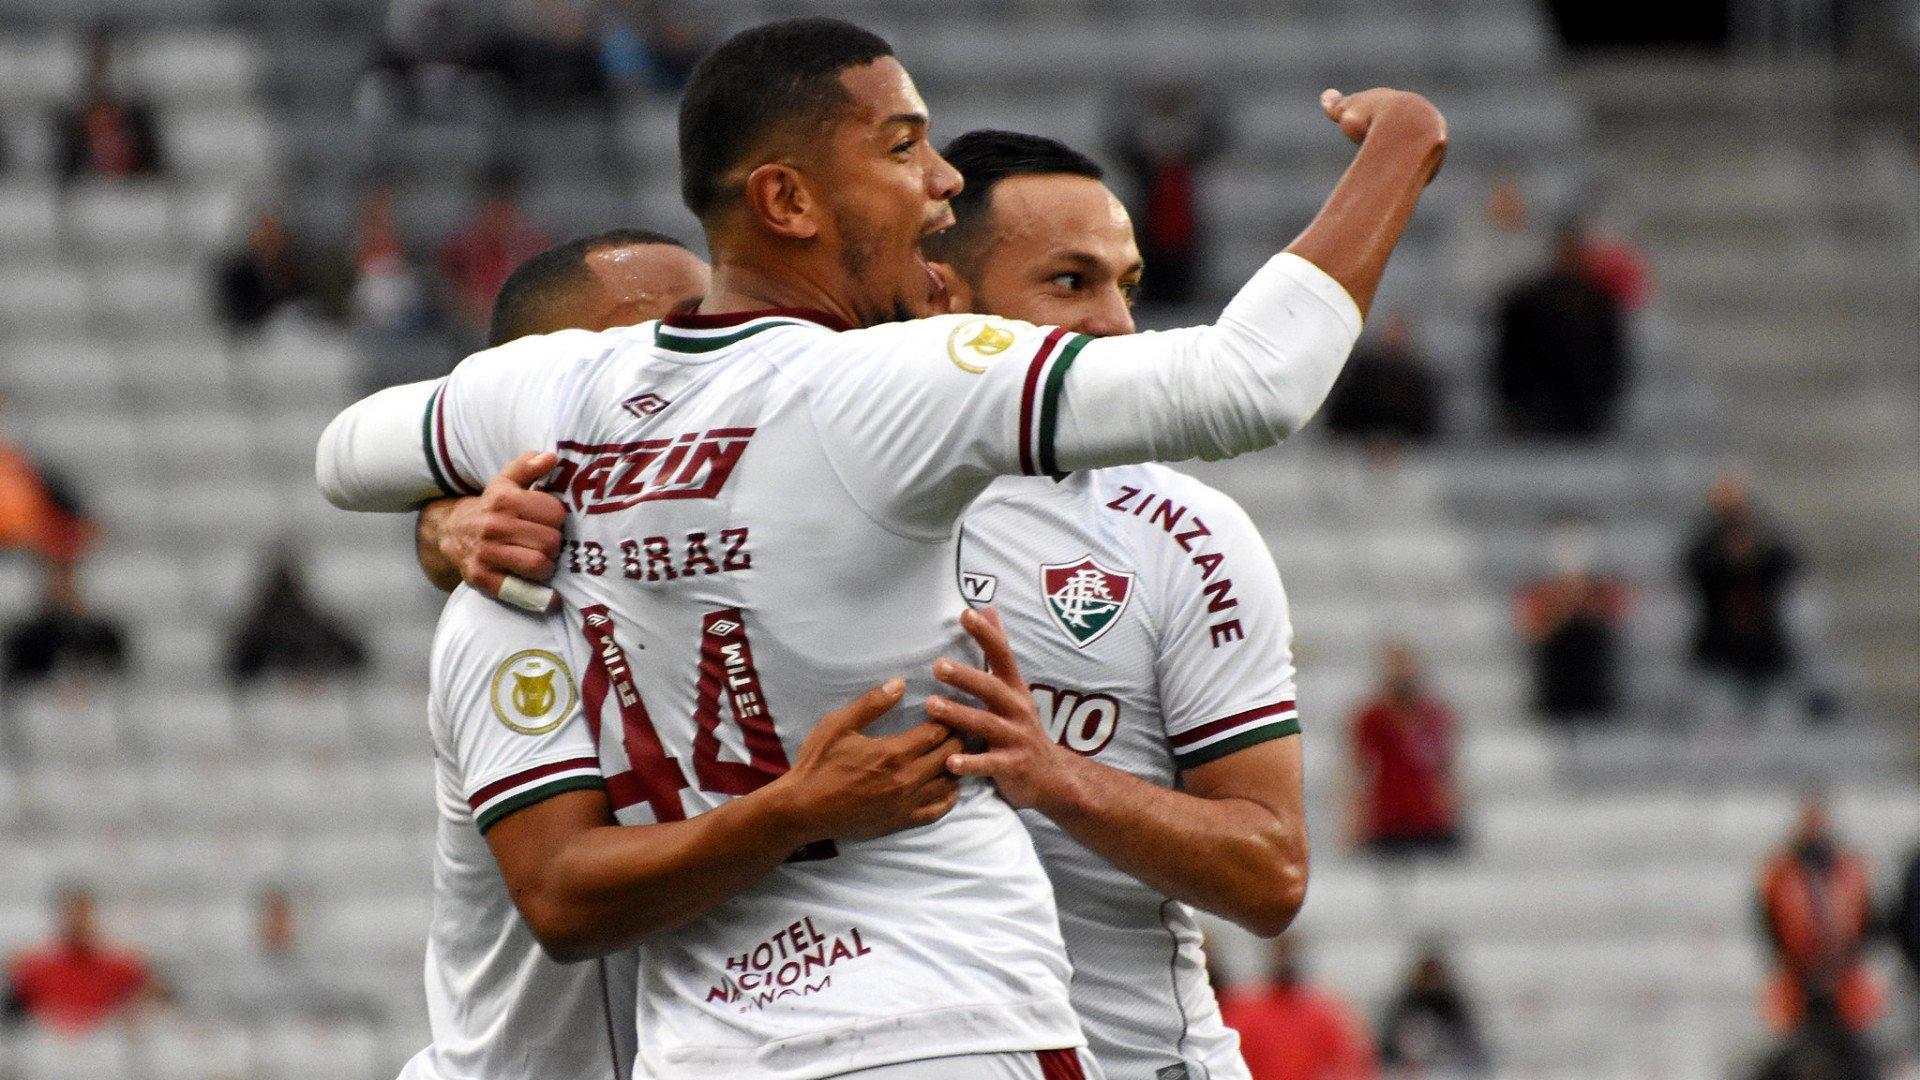 Com gol contra e polêmica do VAR, Fluminense vence o Athletico-PR fora de casa